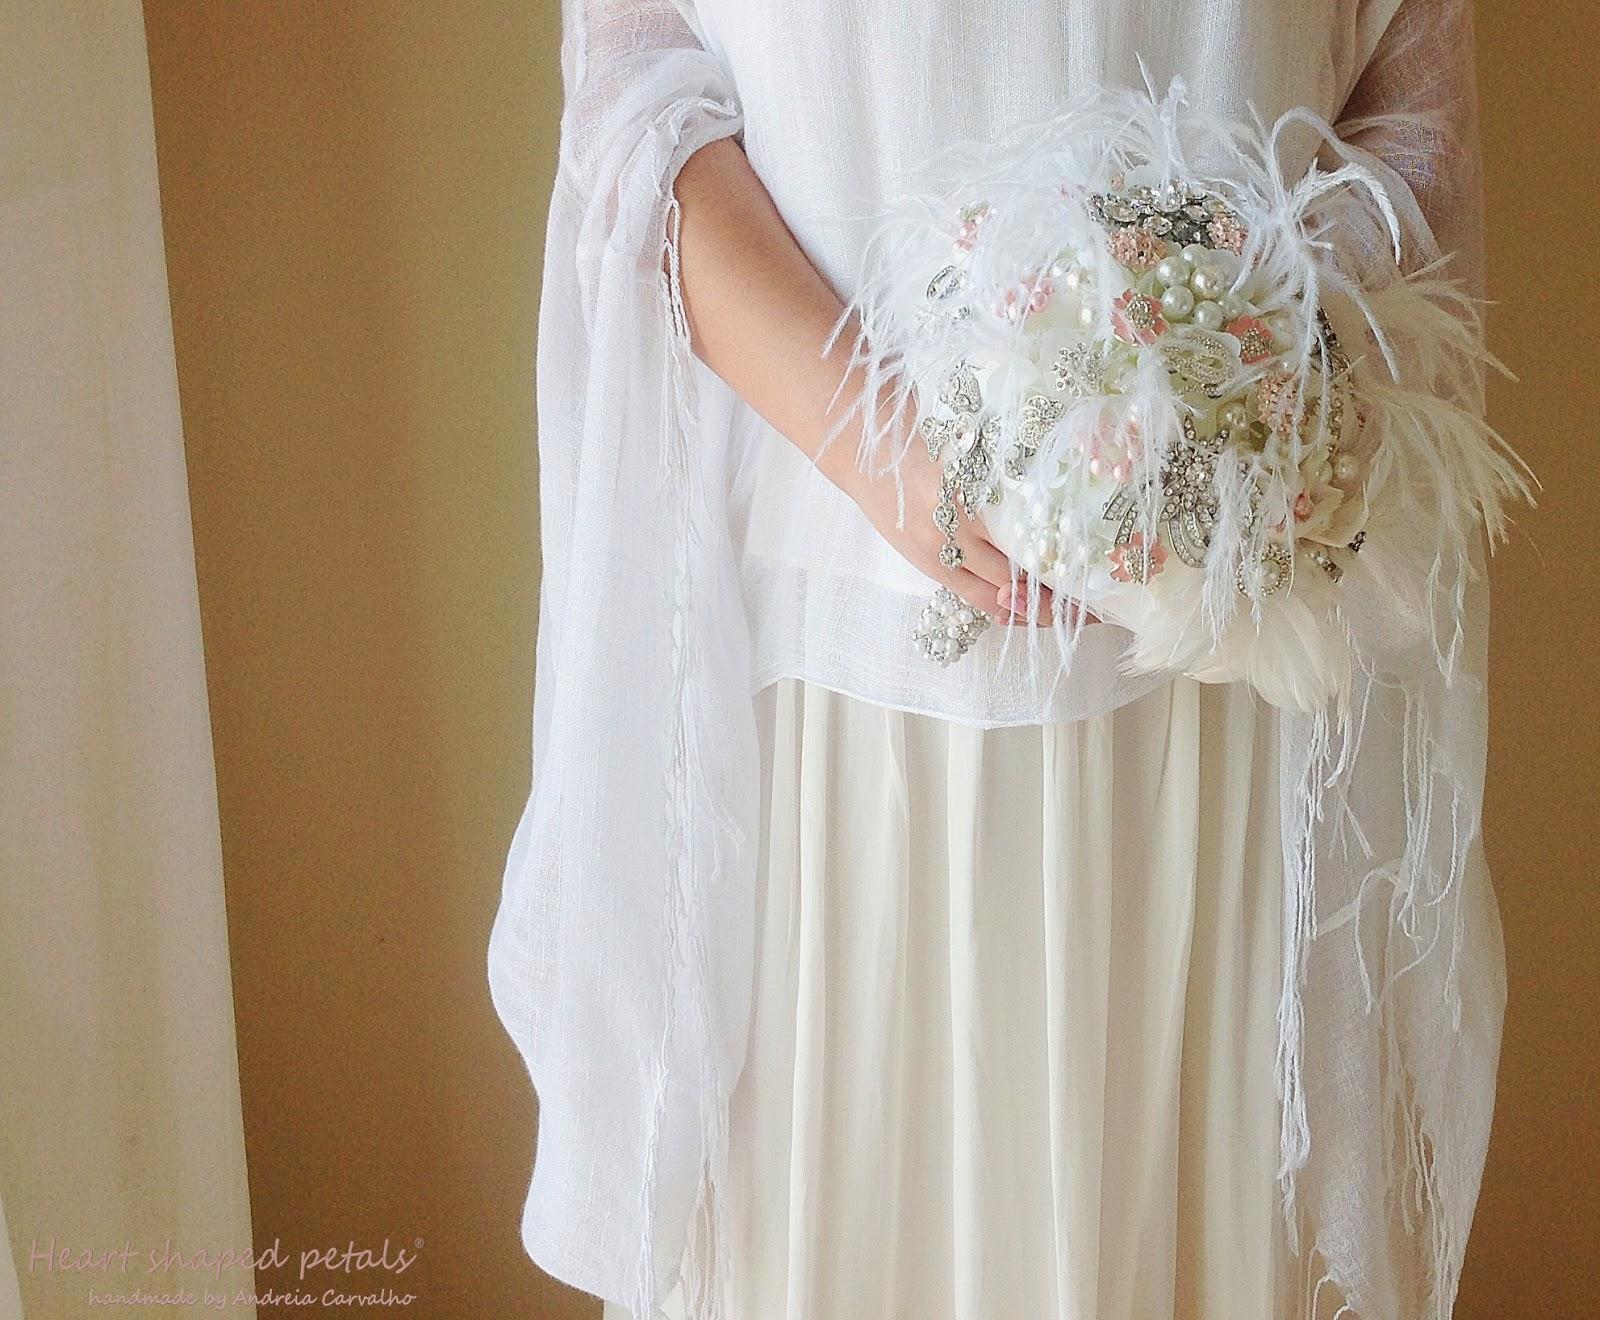 Heart Shaped Petals brooch bouquet